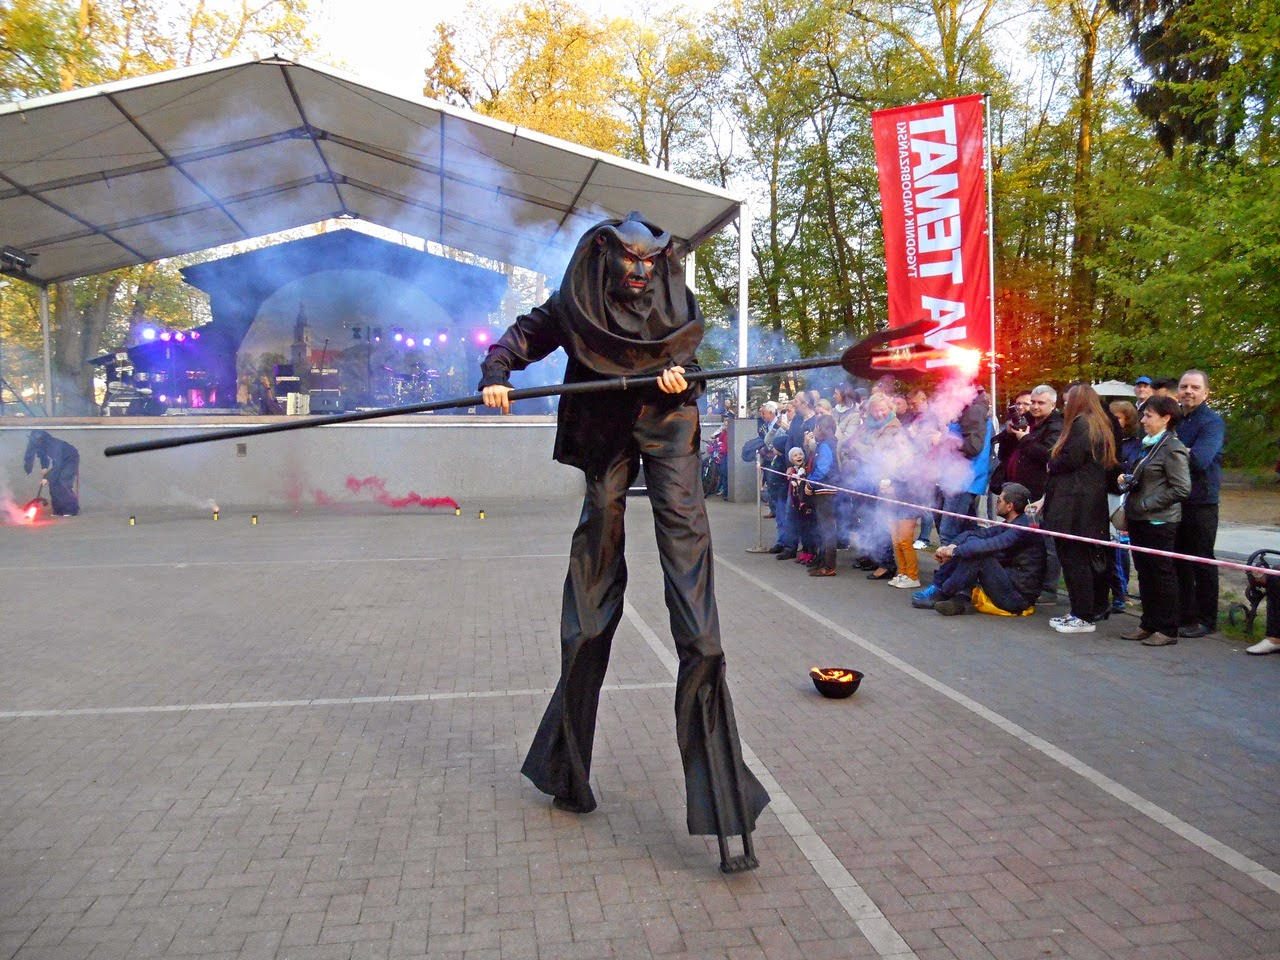 czarna postać, Wolsztyn, przegląd teatrów, imprezy w Wolsztynie